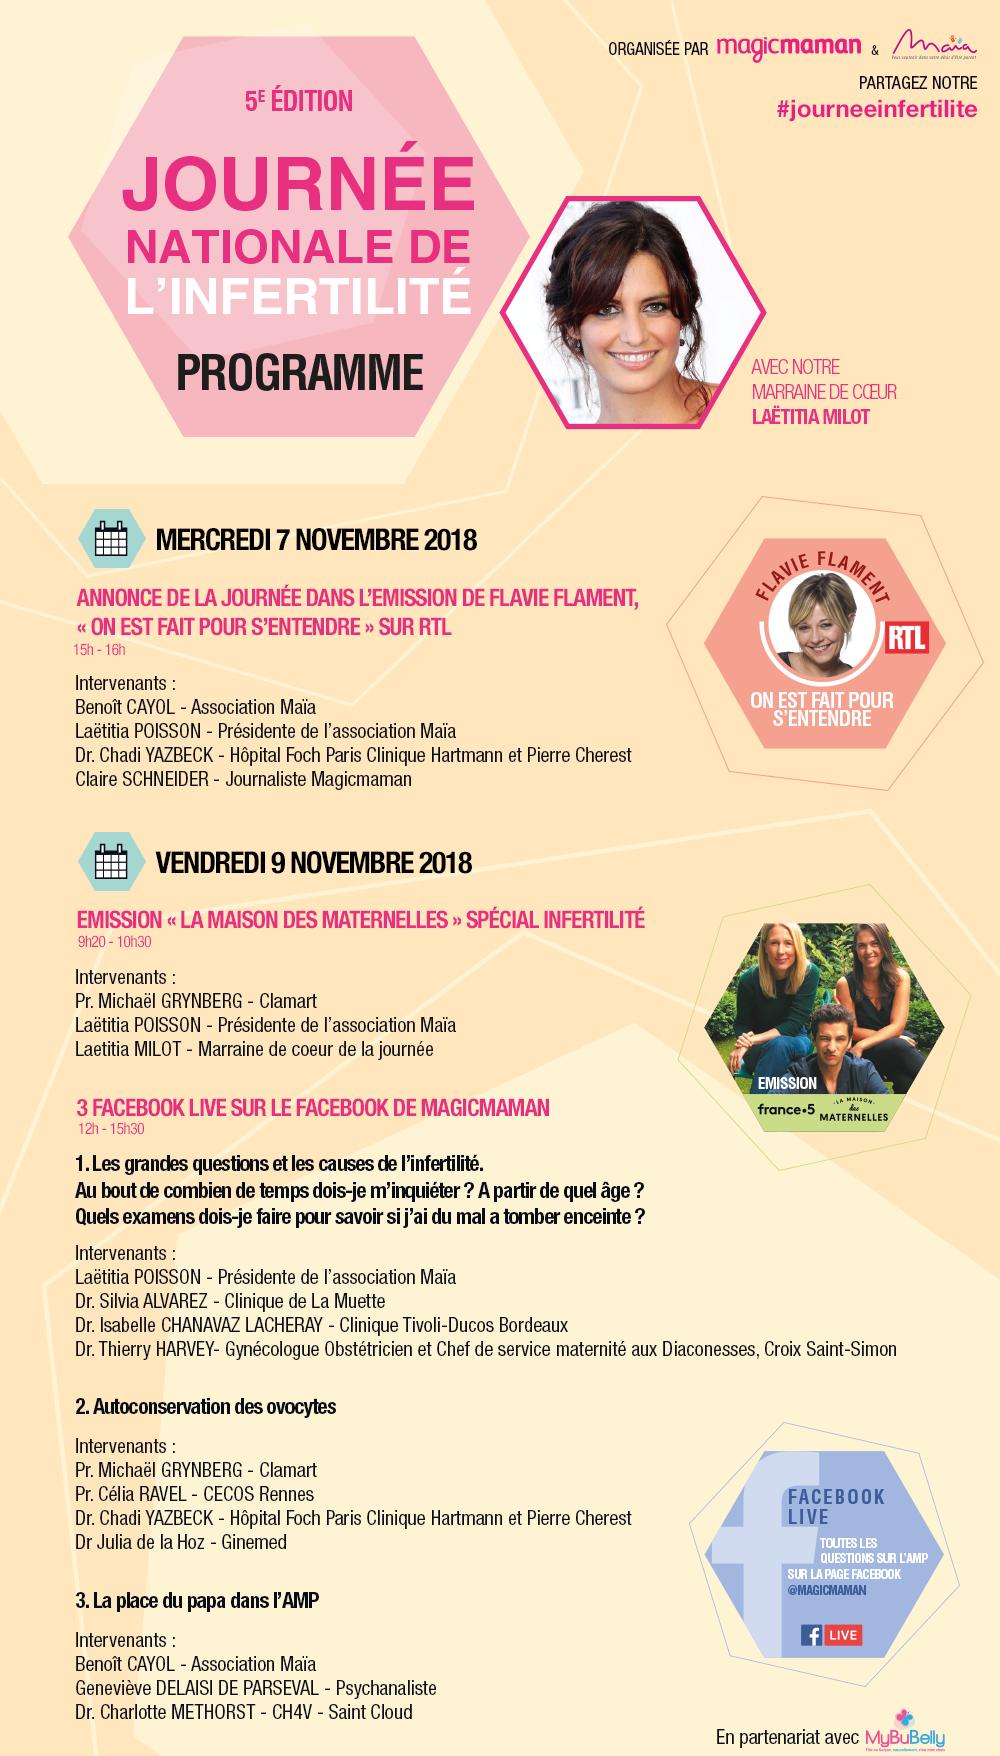 JOURNEE NATIONALE DE L'INFERTILITE LE 9 NOVEMBRE 2018 ***  NOUVEAU FORMAT***